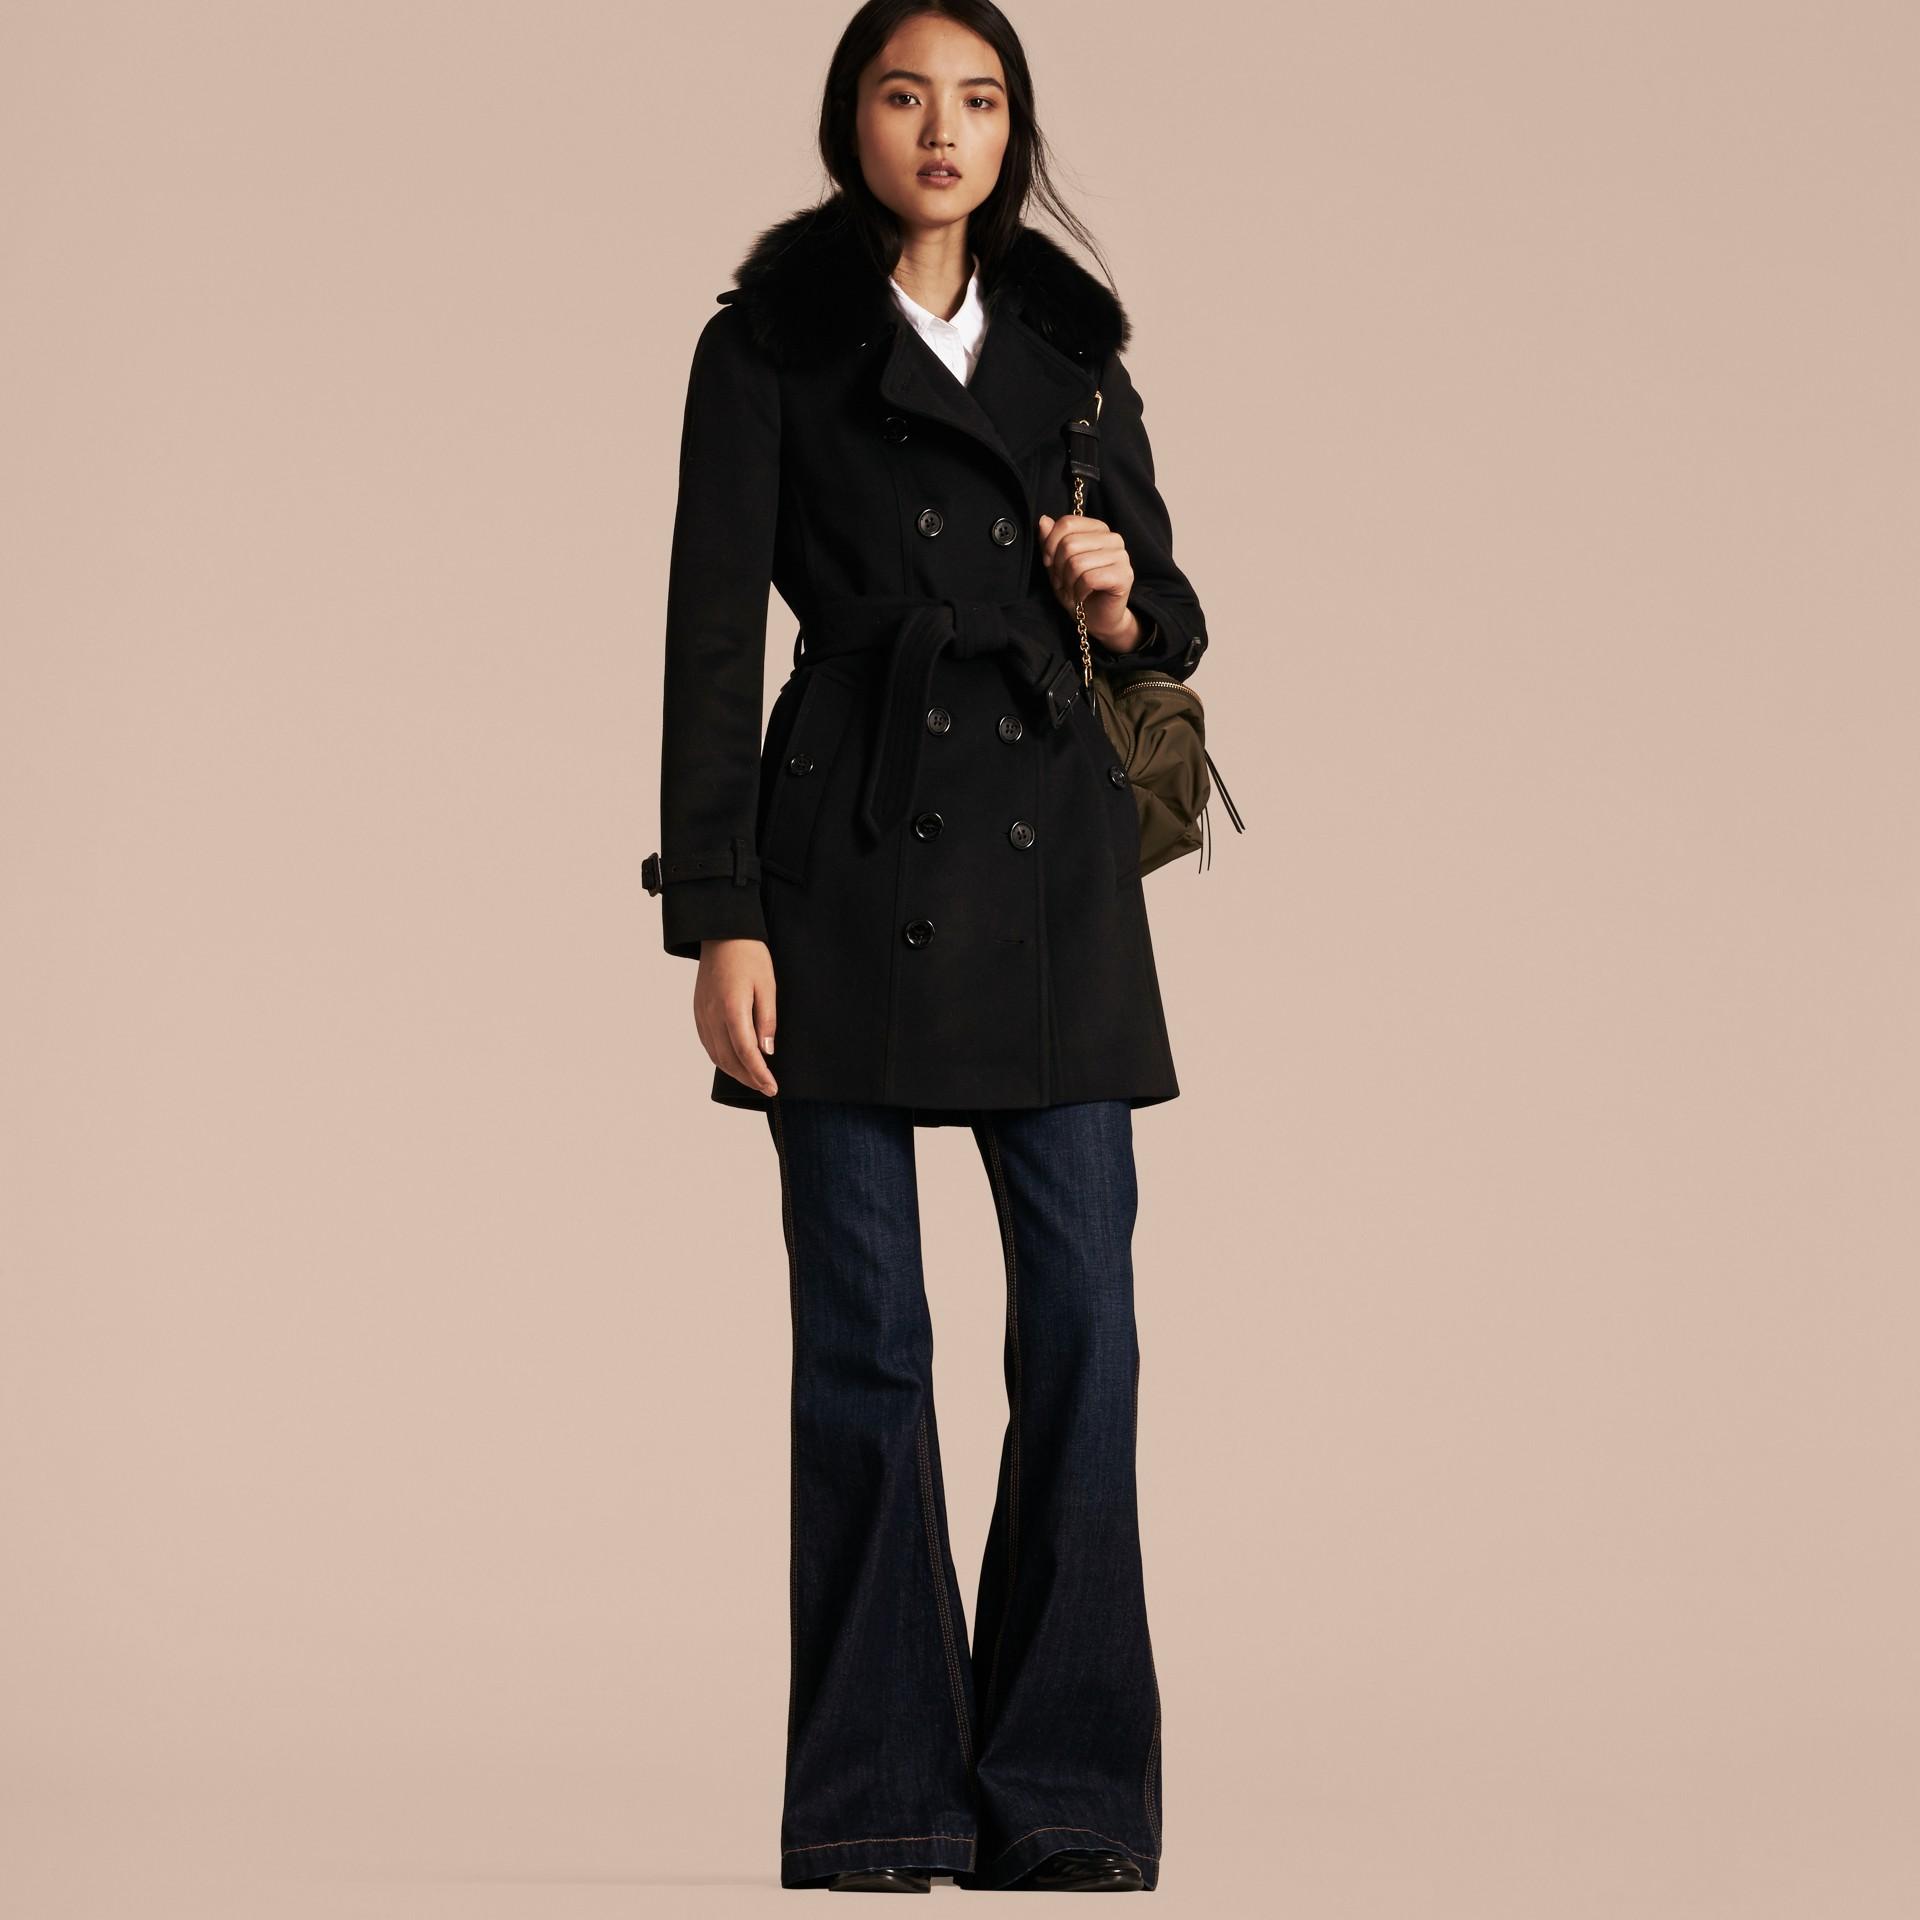 Nero Trench coat in lana e cashmere con collo in pelliccia di volpe Nero - immagine della galleria 6